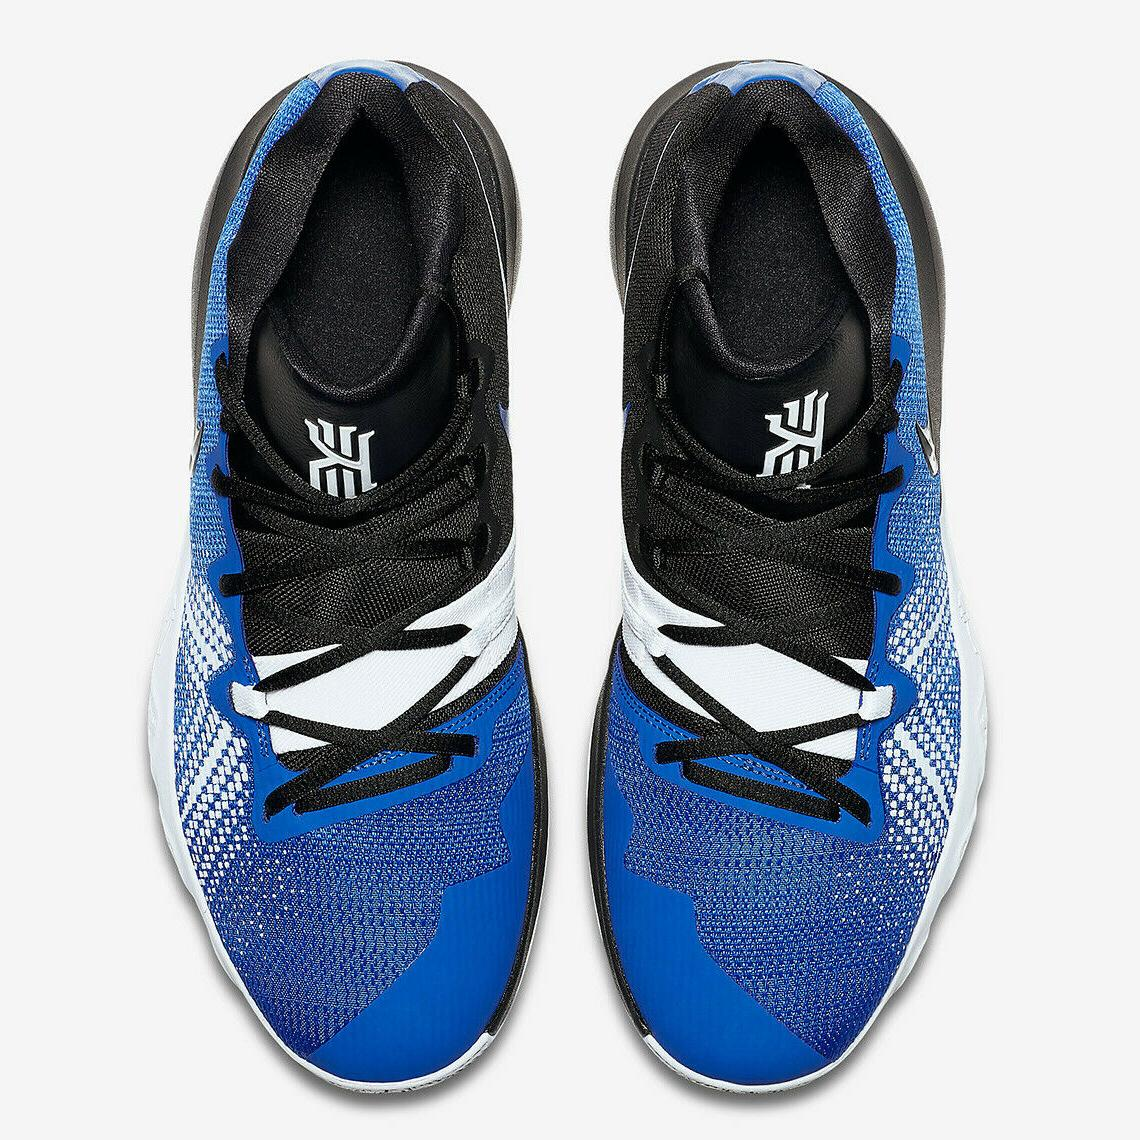 Nike Flytrap AA7071-400 Blue White Men's Irving Basketball